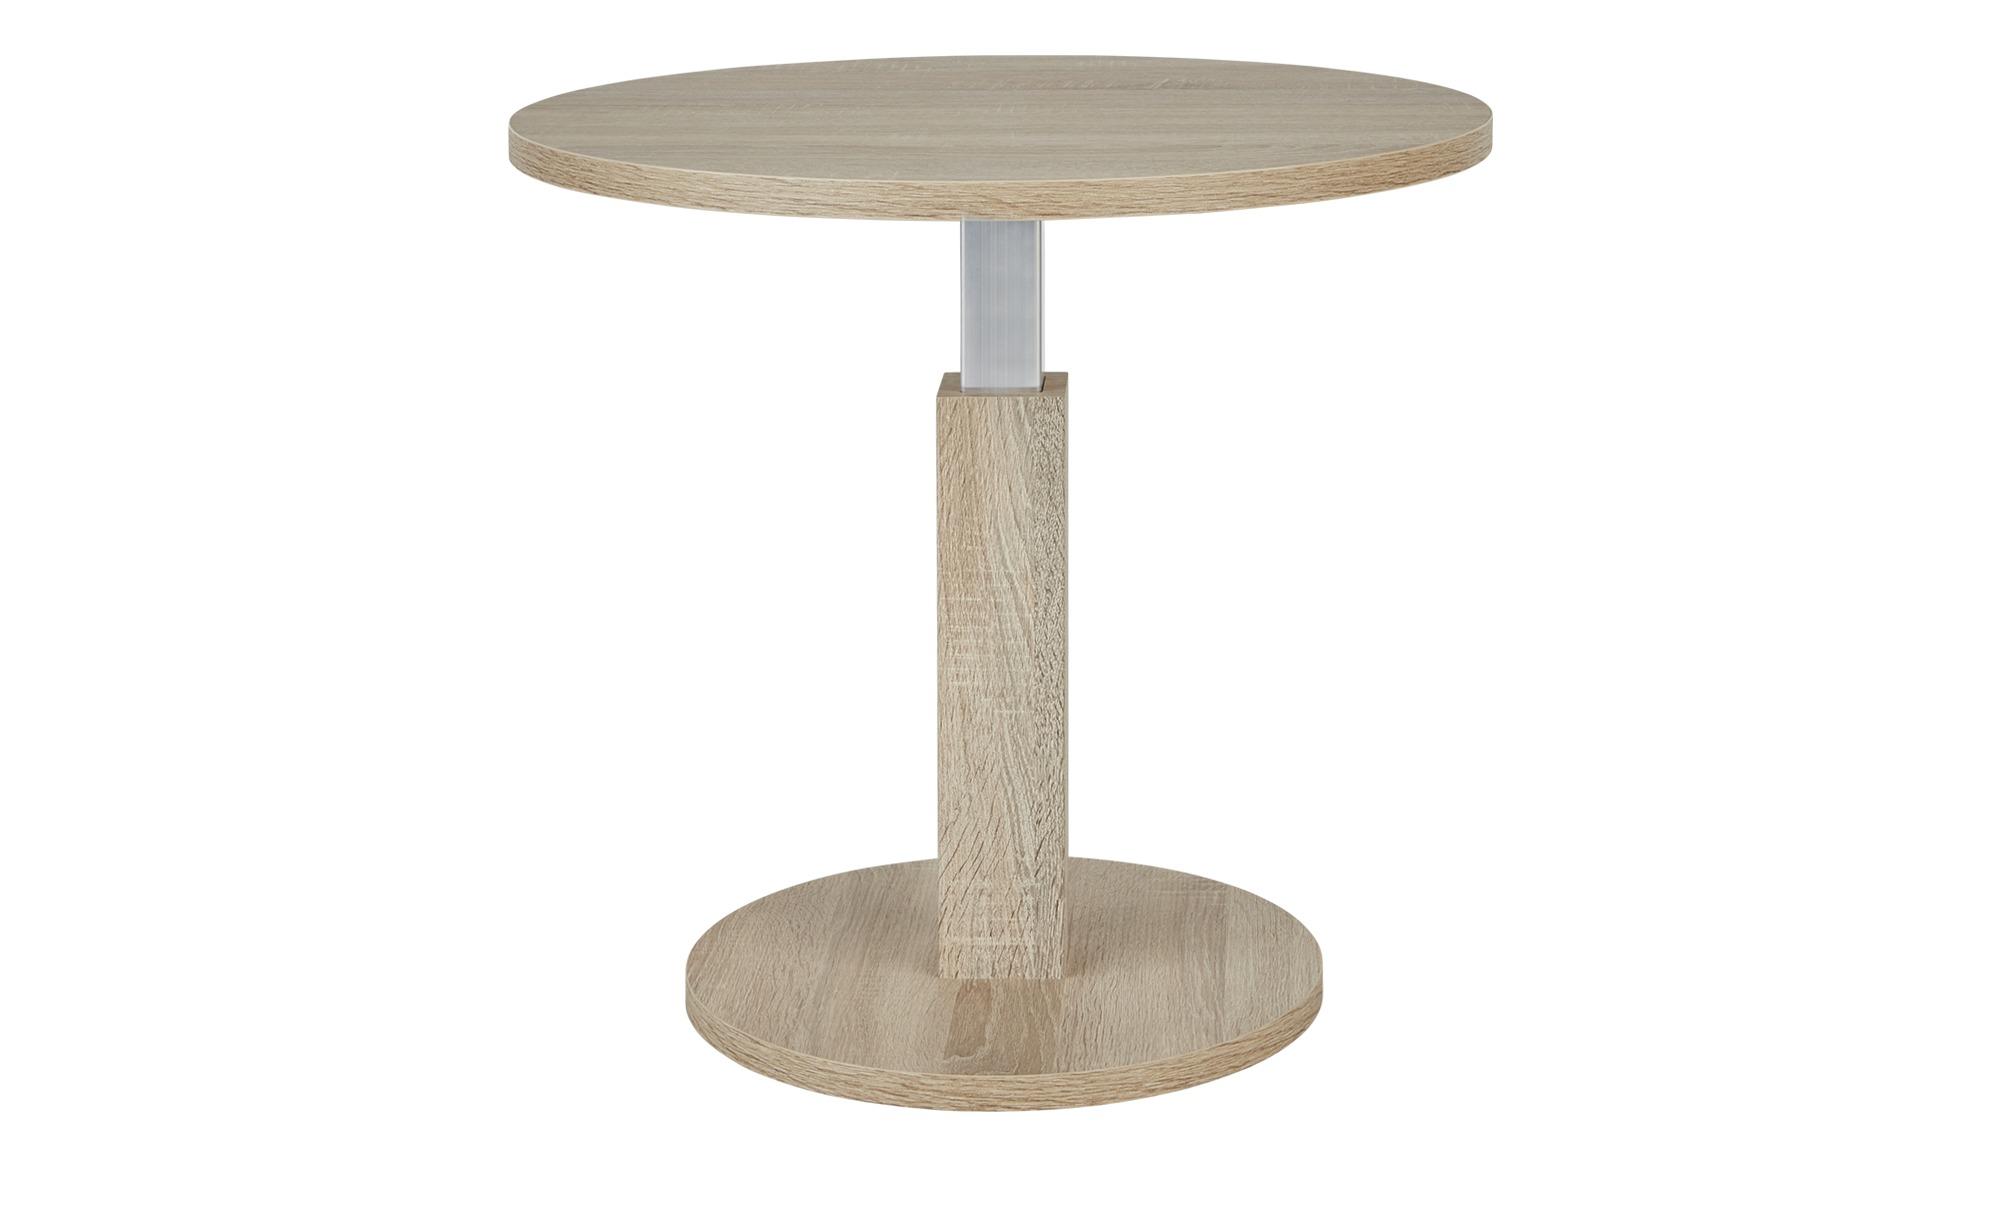 Couchtisch  Eco-Lift-Tisch ¦ holzfarben ¦ Maße (cm): H: 42 Ø: 60 Tische > Couchtische > Couchtische höhenverstellbar - Höffner